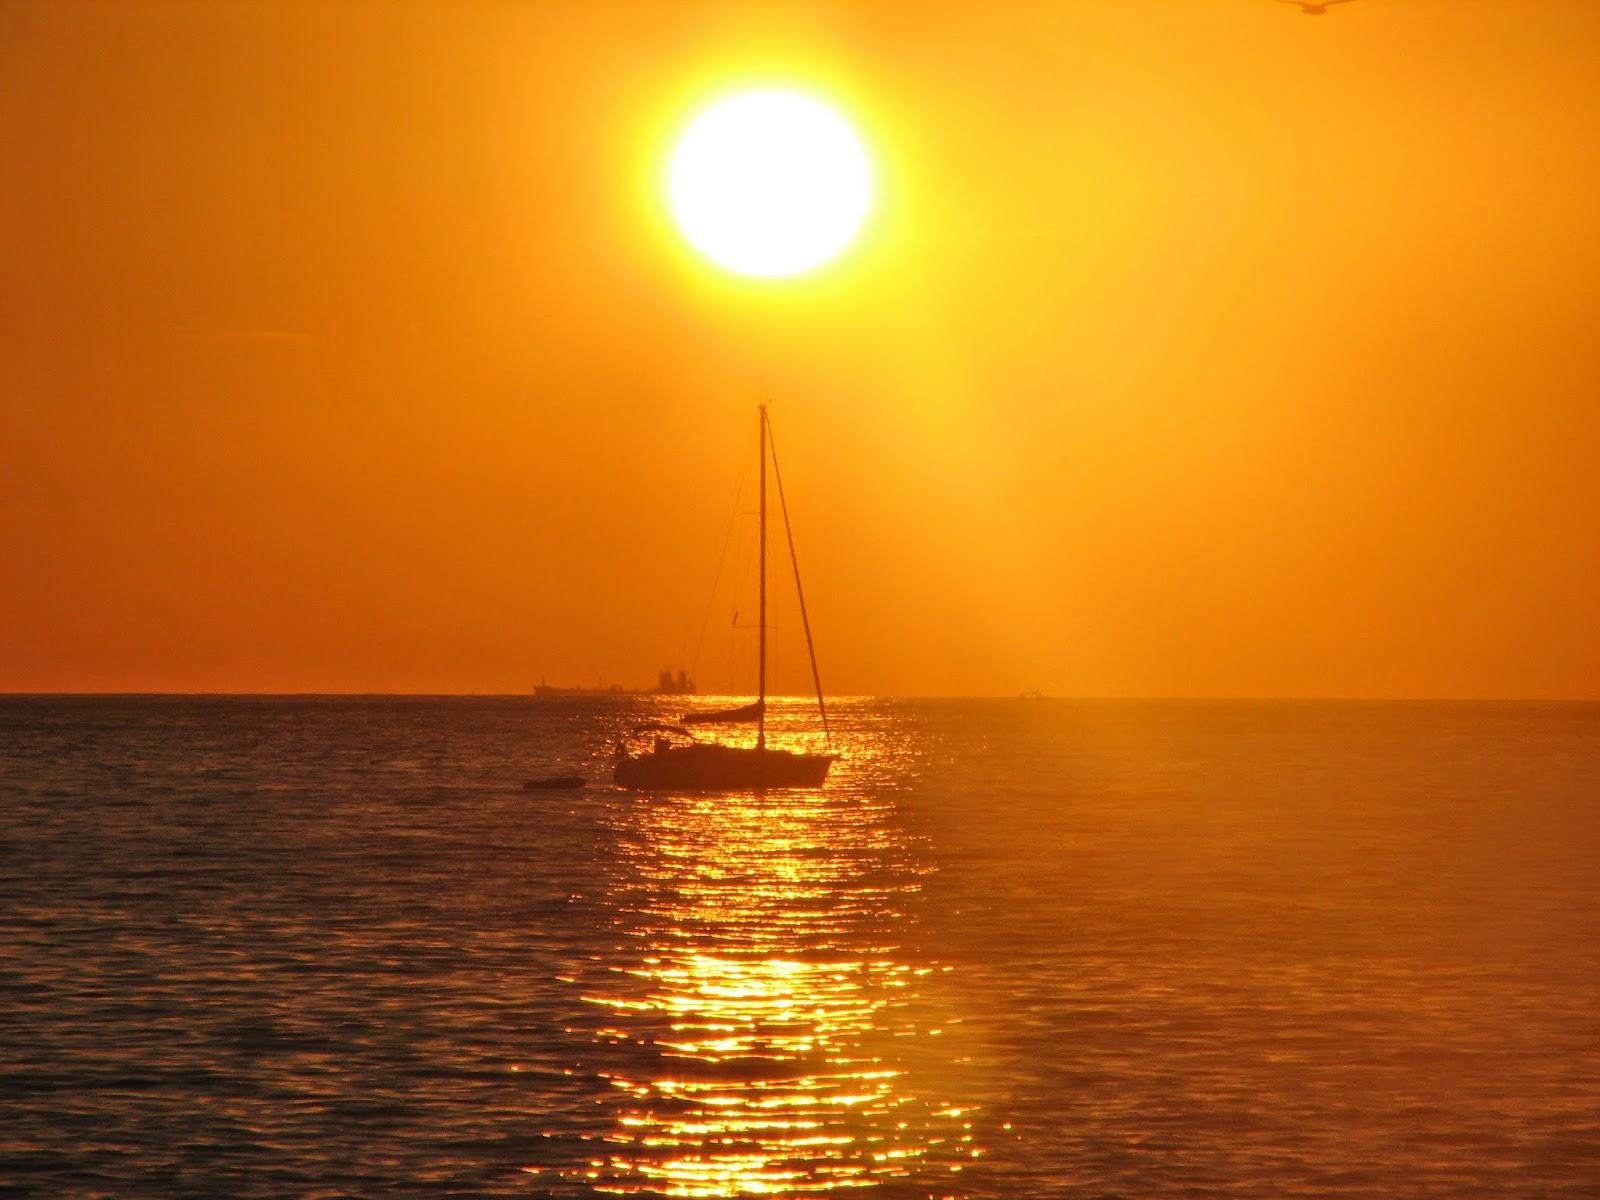 صور مذهلة ورائعة للشمس